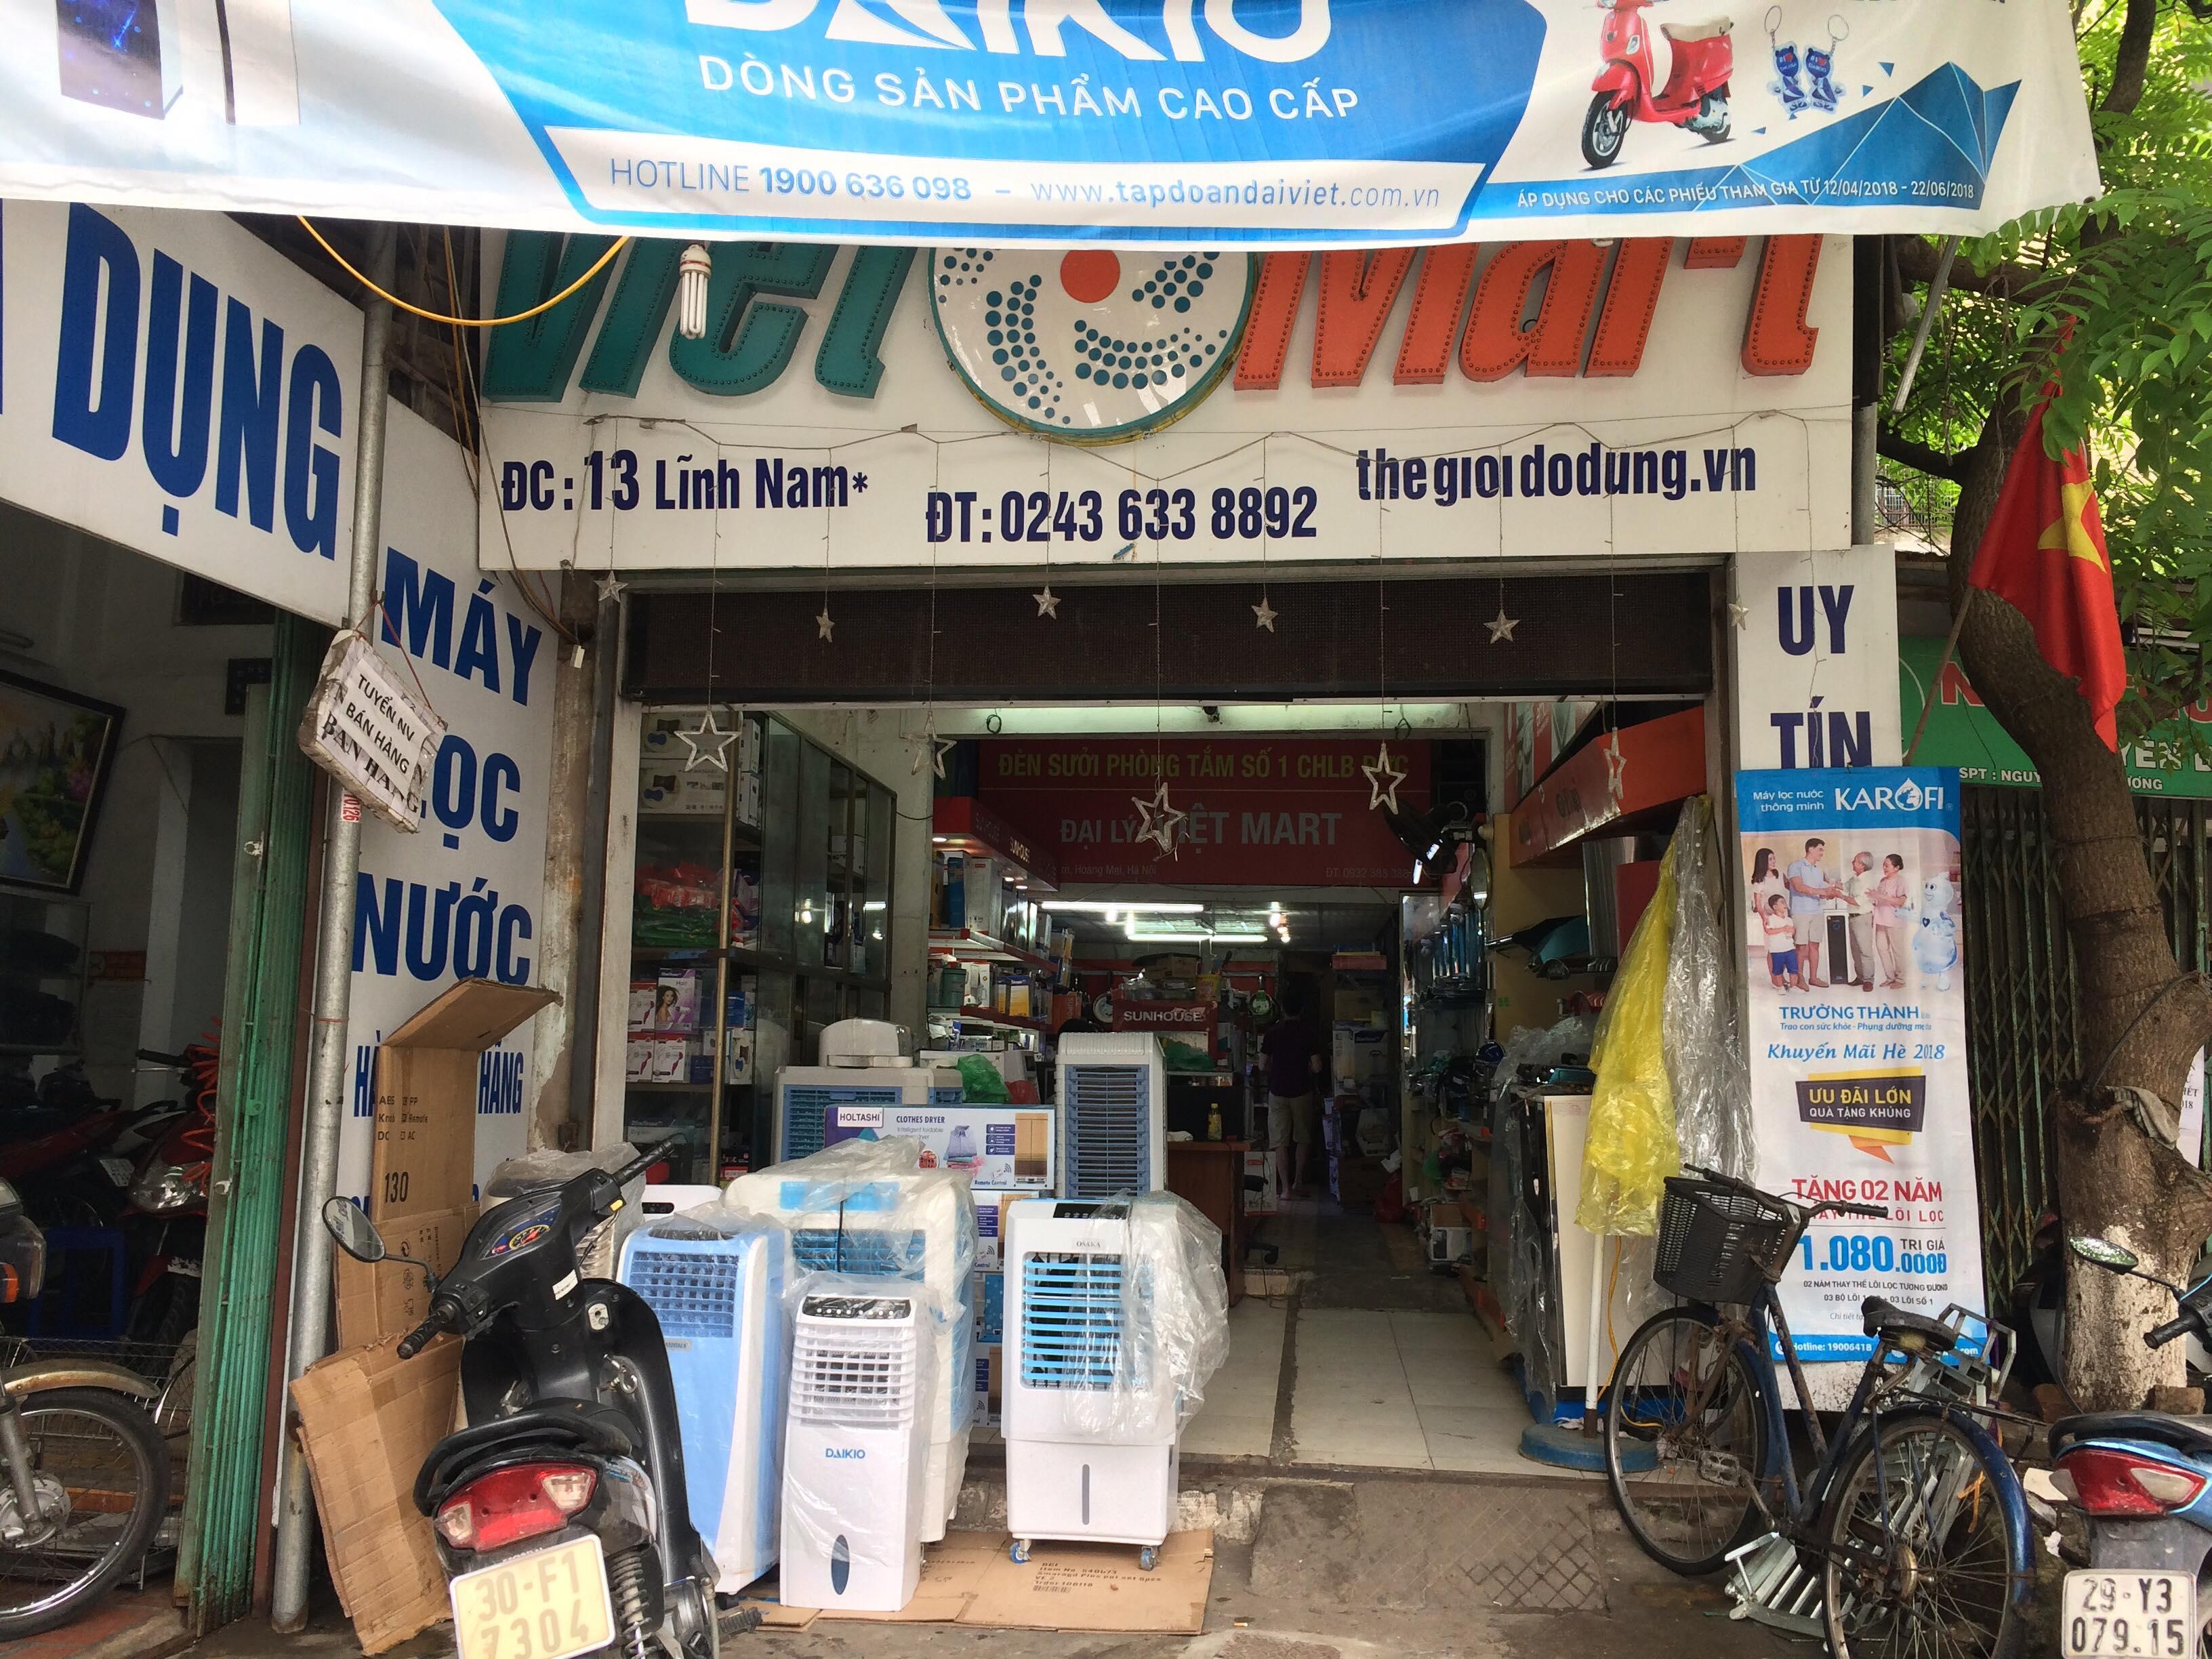 Thế Giới Đồ Dùng Việt Mart chi nhánh 13 Lĩnh Nam-Hoàng Mai-HN